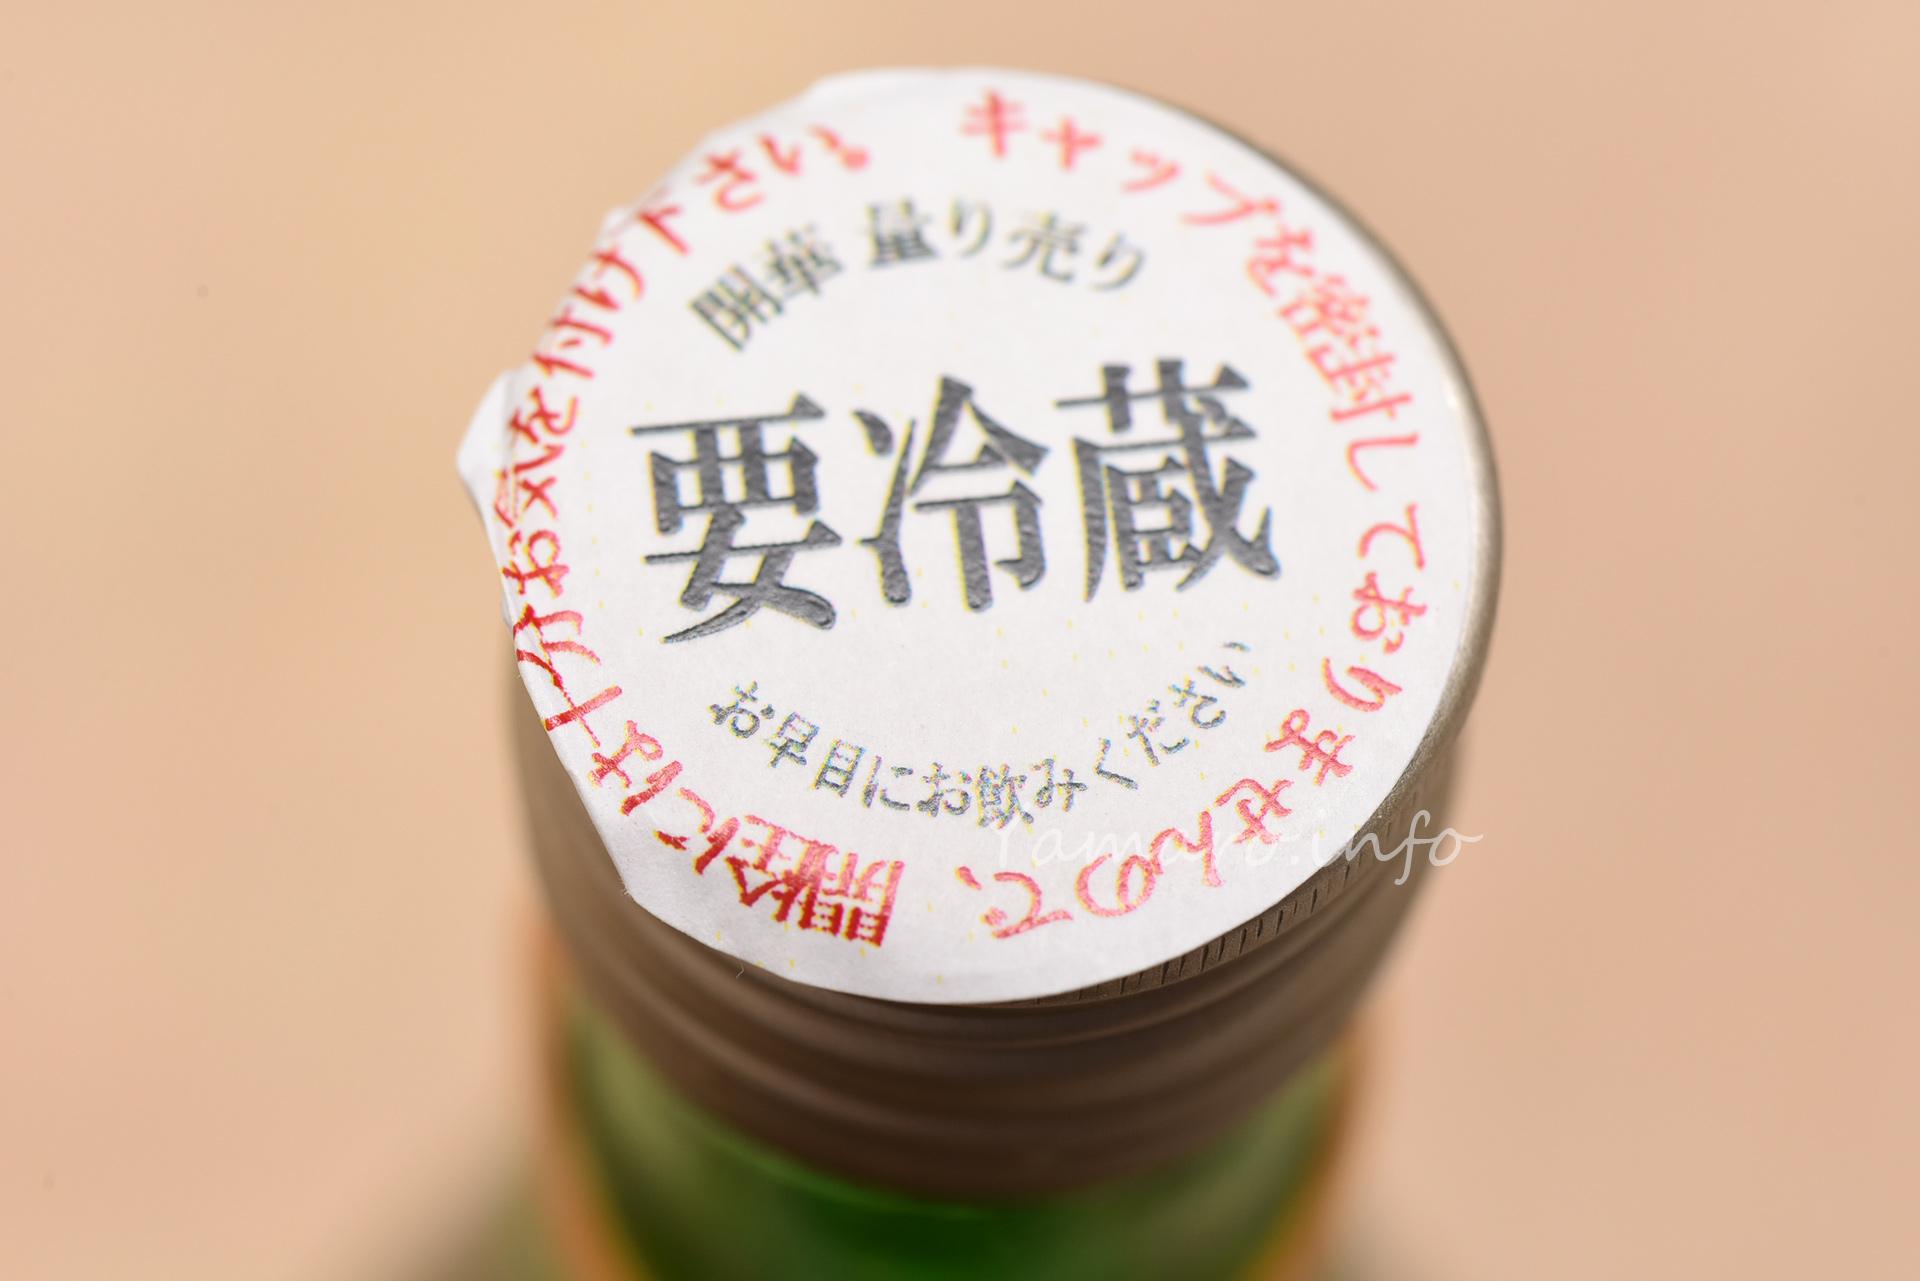 開華 特別純米 生もと 原酒